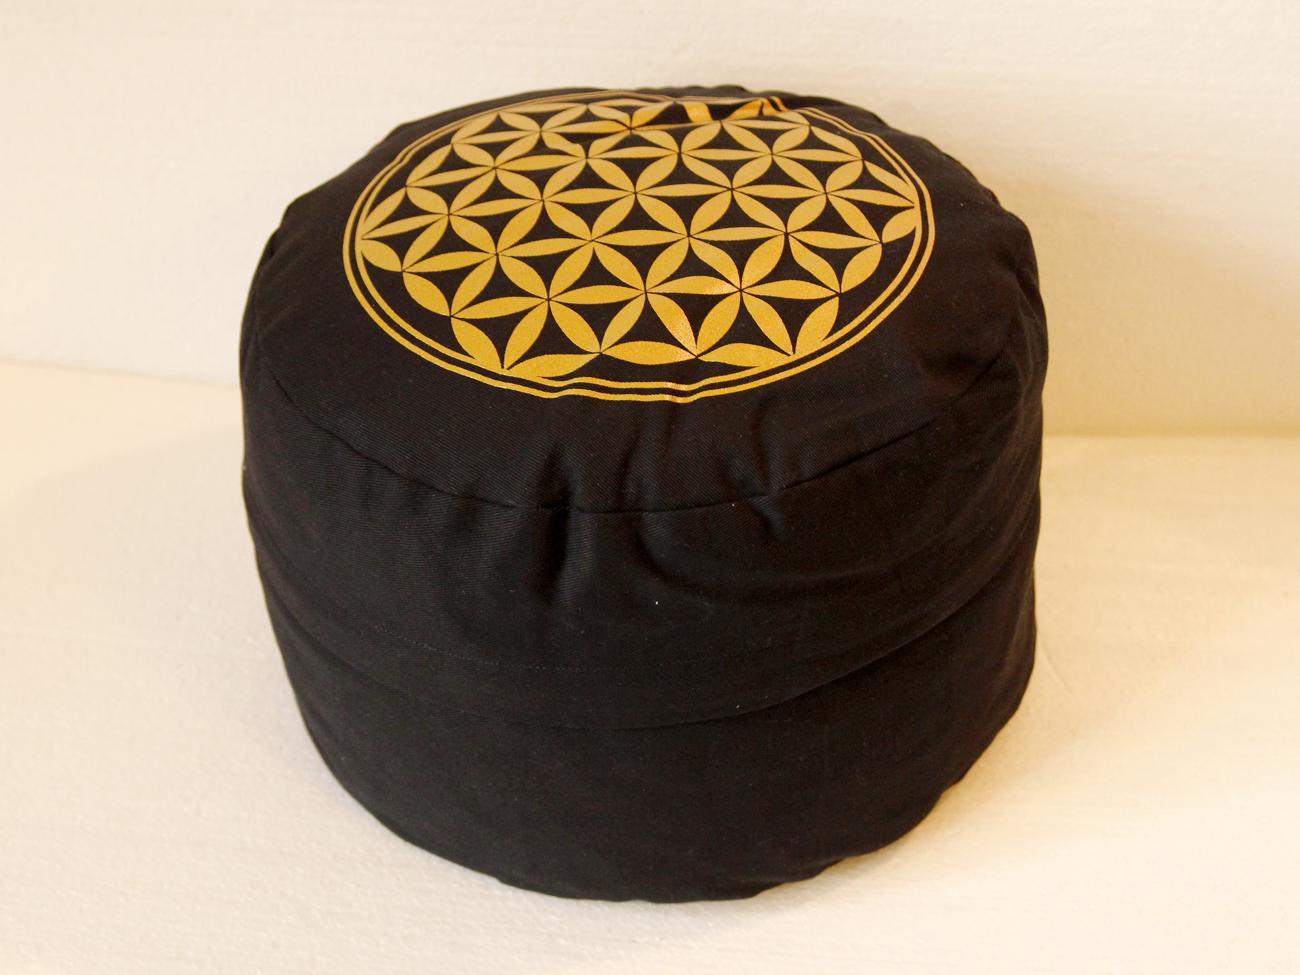 Květ života - Meditační polštář černý (Květ života - Meditační polštář černý)